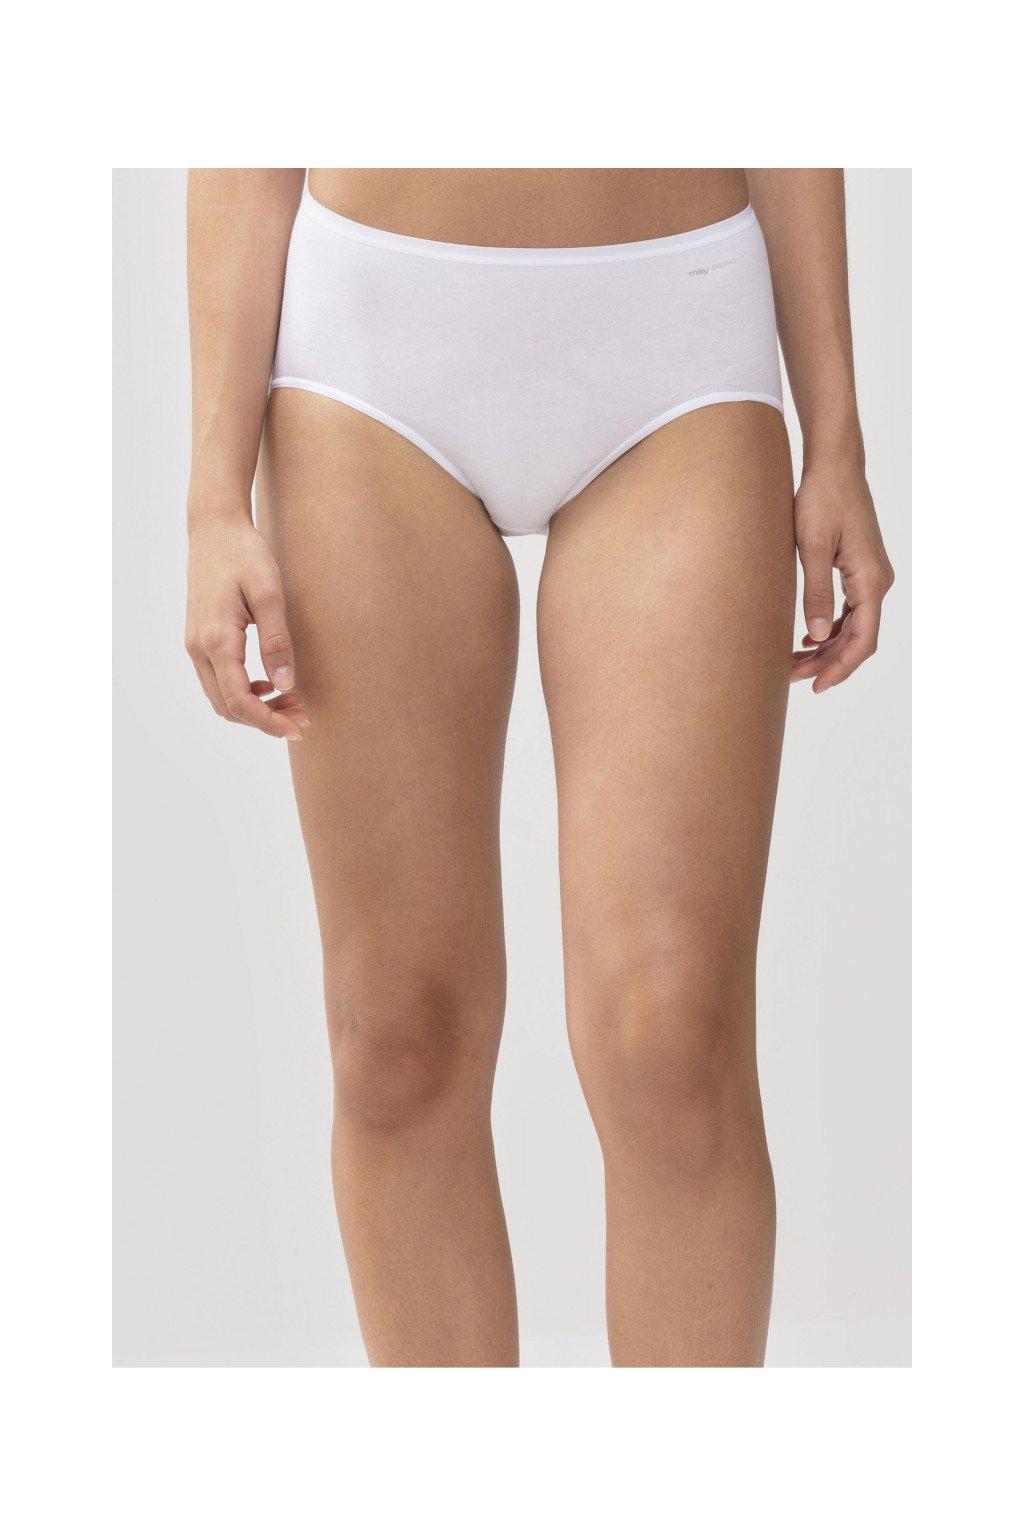 Dámske nohavičky Mey Organic 29818